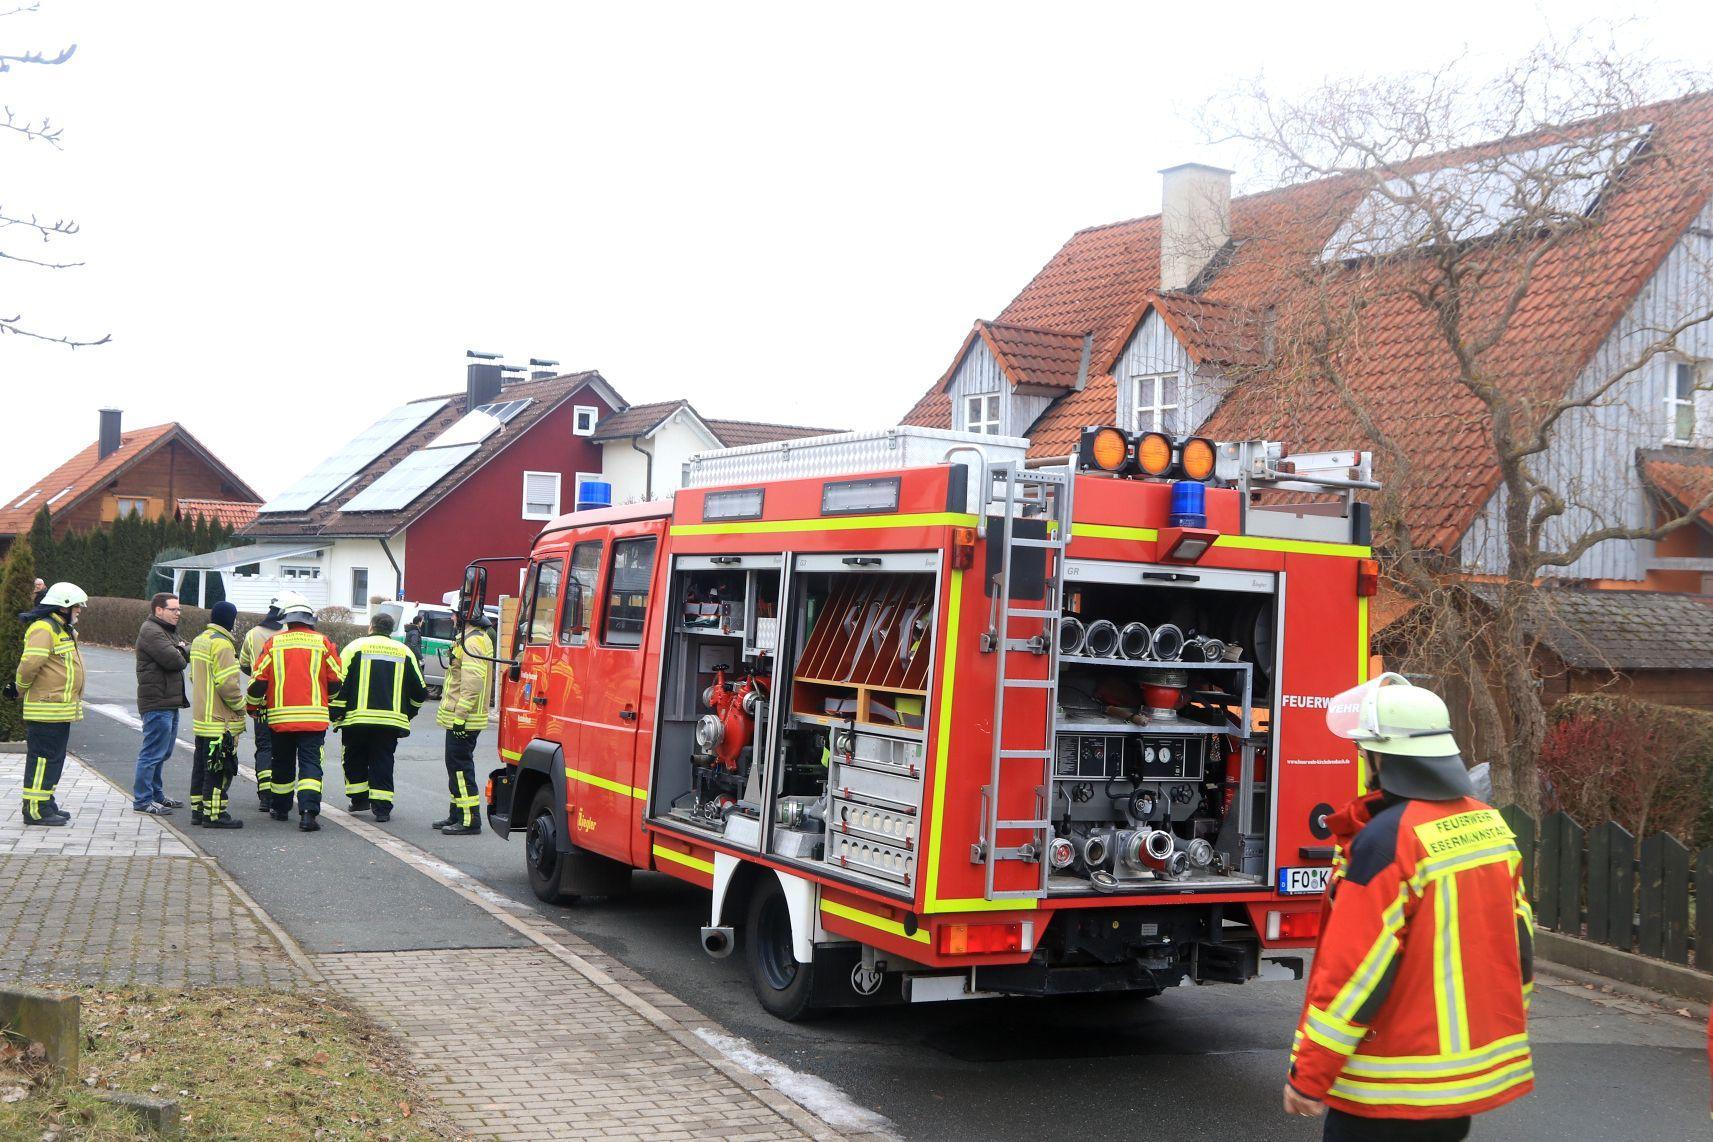 Familiendrama | Drei Leichen in Wohnung in Oberfranken gefunden